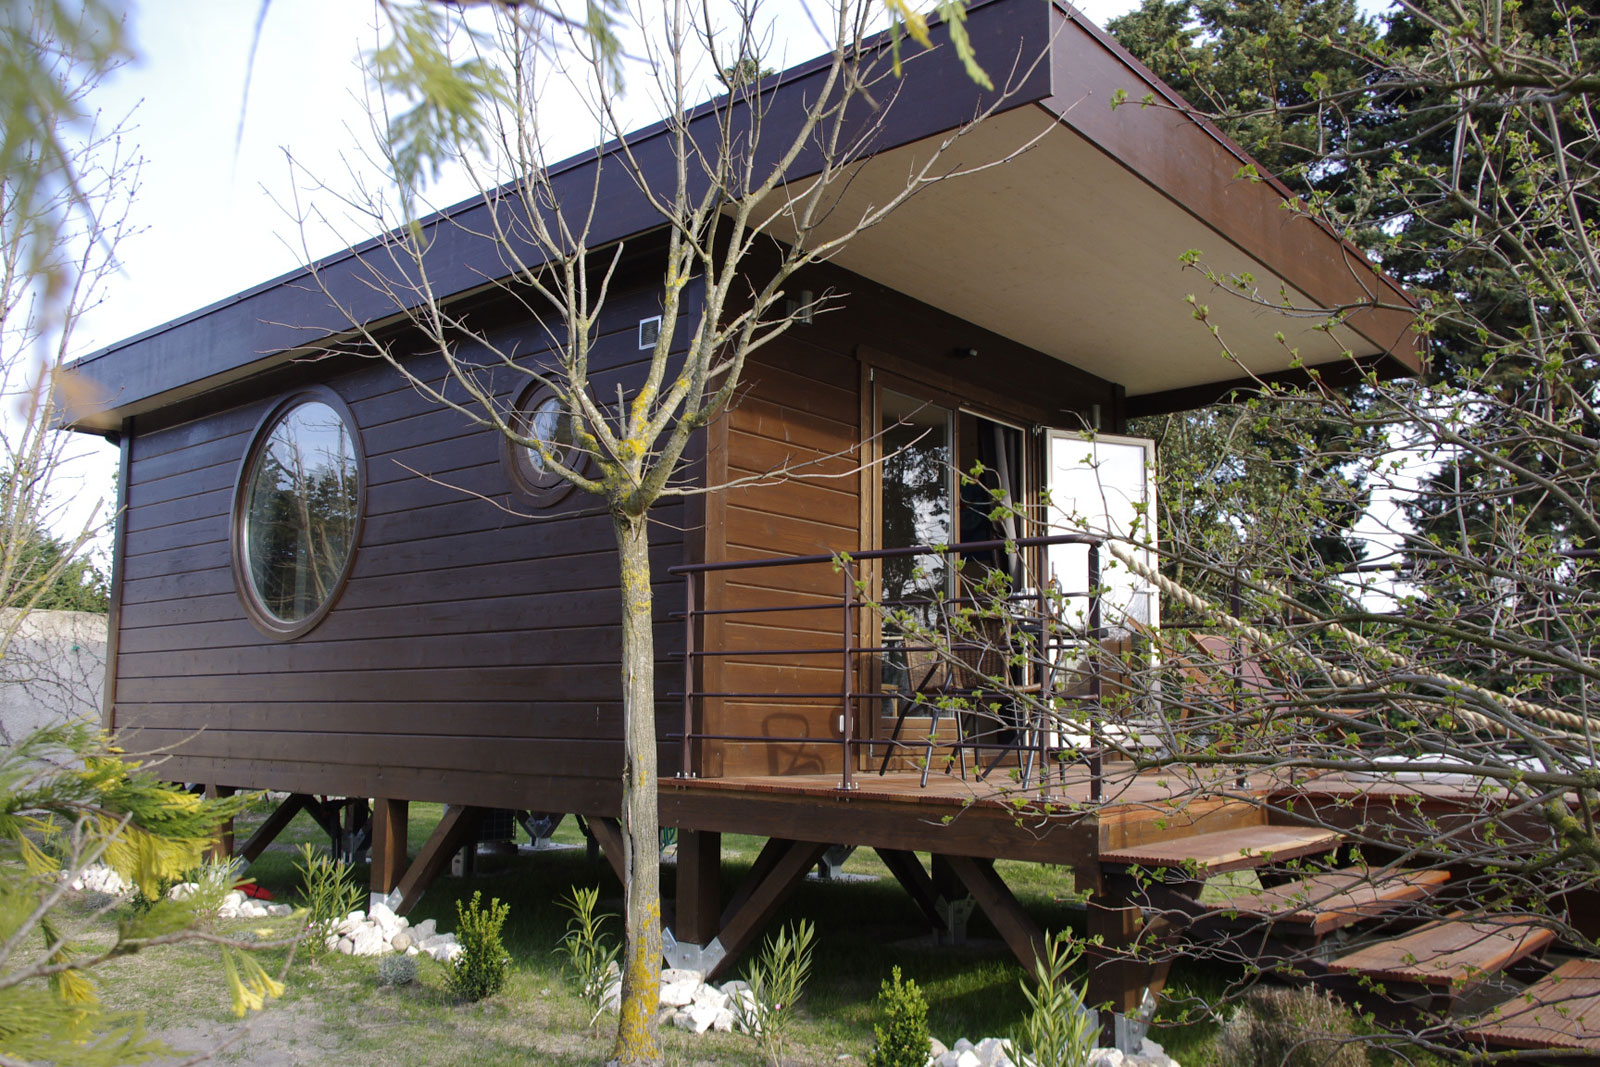 Cabane de jardin atypique